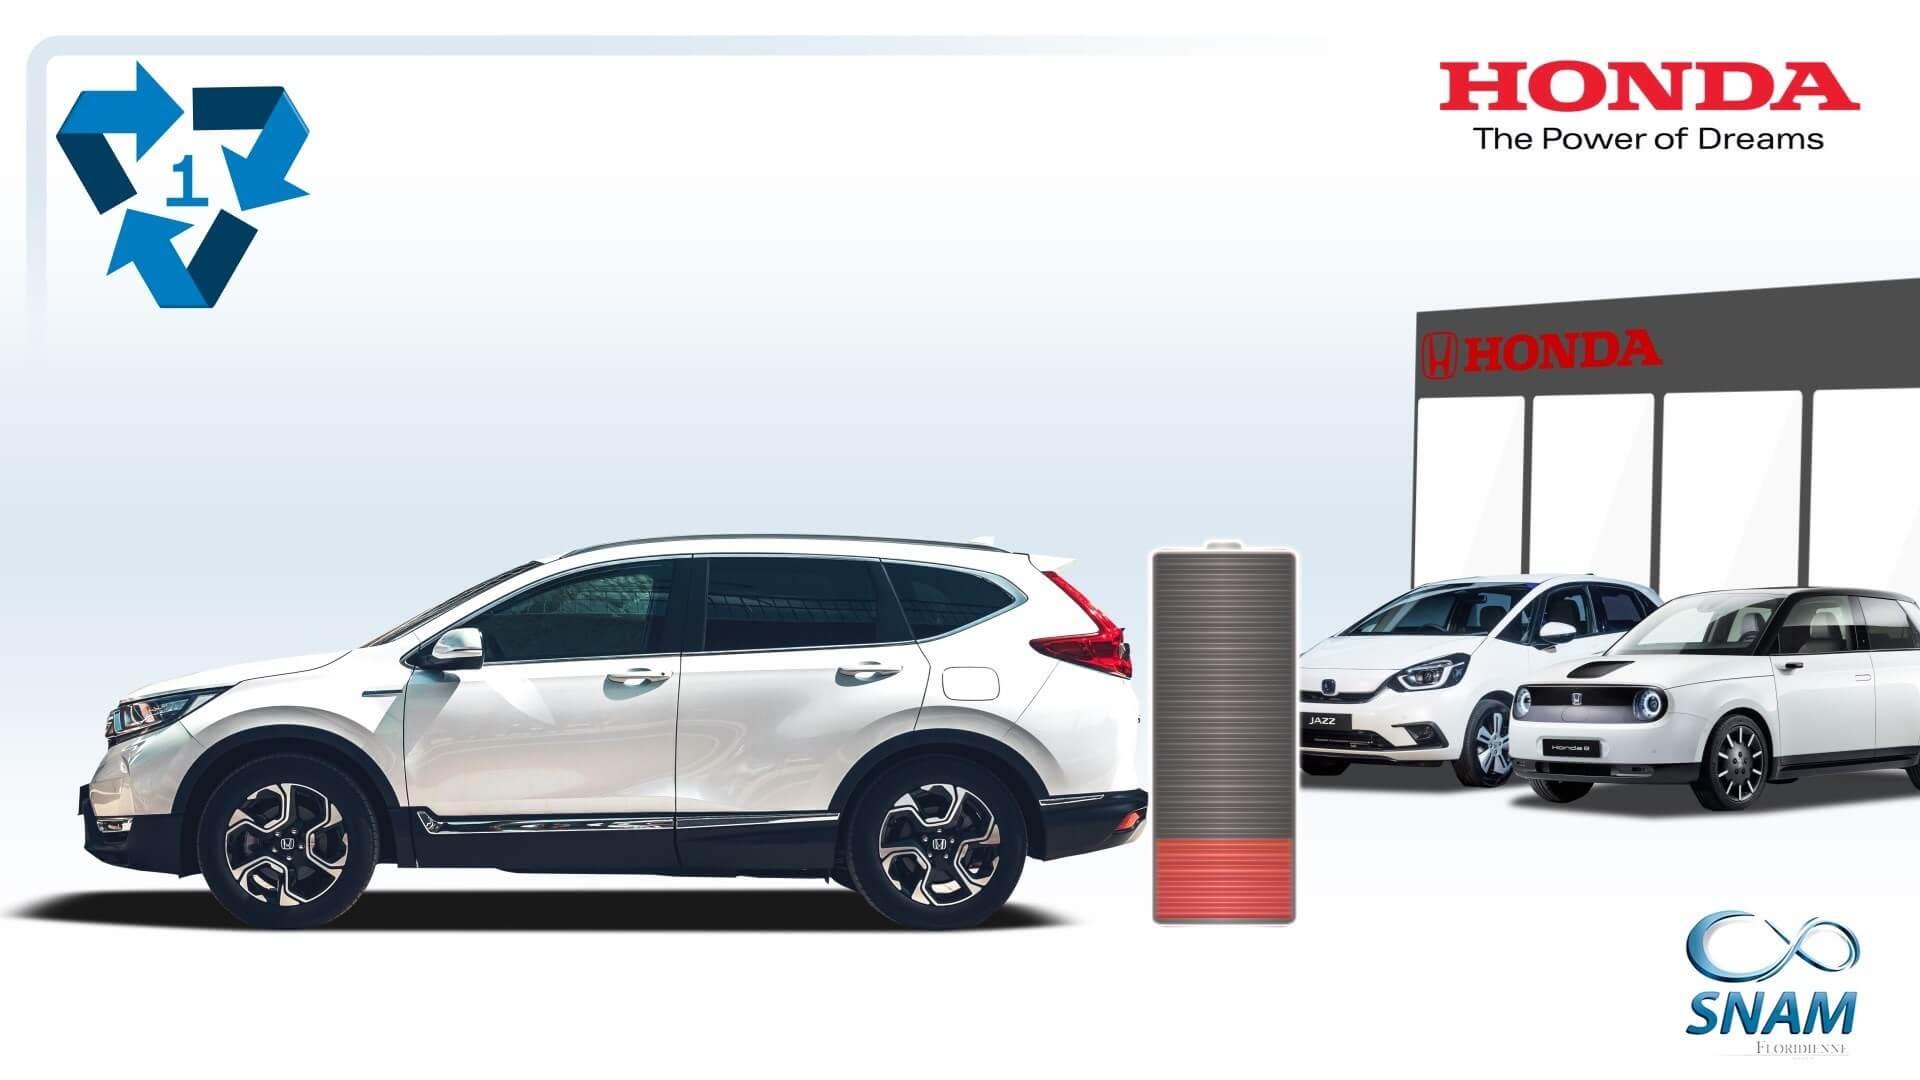 Аккумуляторы электромобилей и гибридов Honda получат «вторую жизнь»